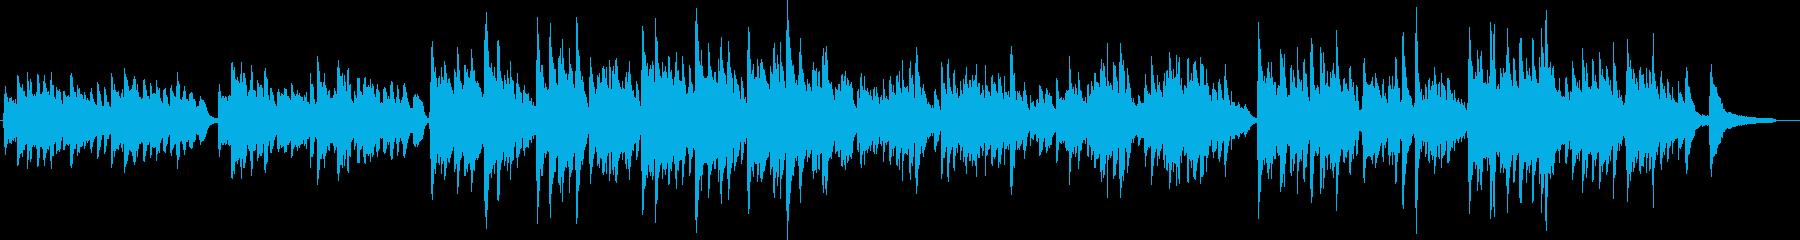 アコーステック 説明的 楽しげ 気...の再生済みの波形